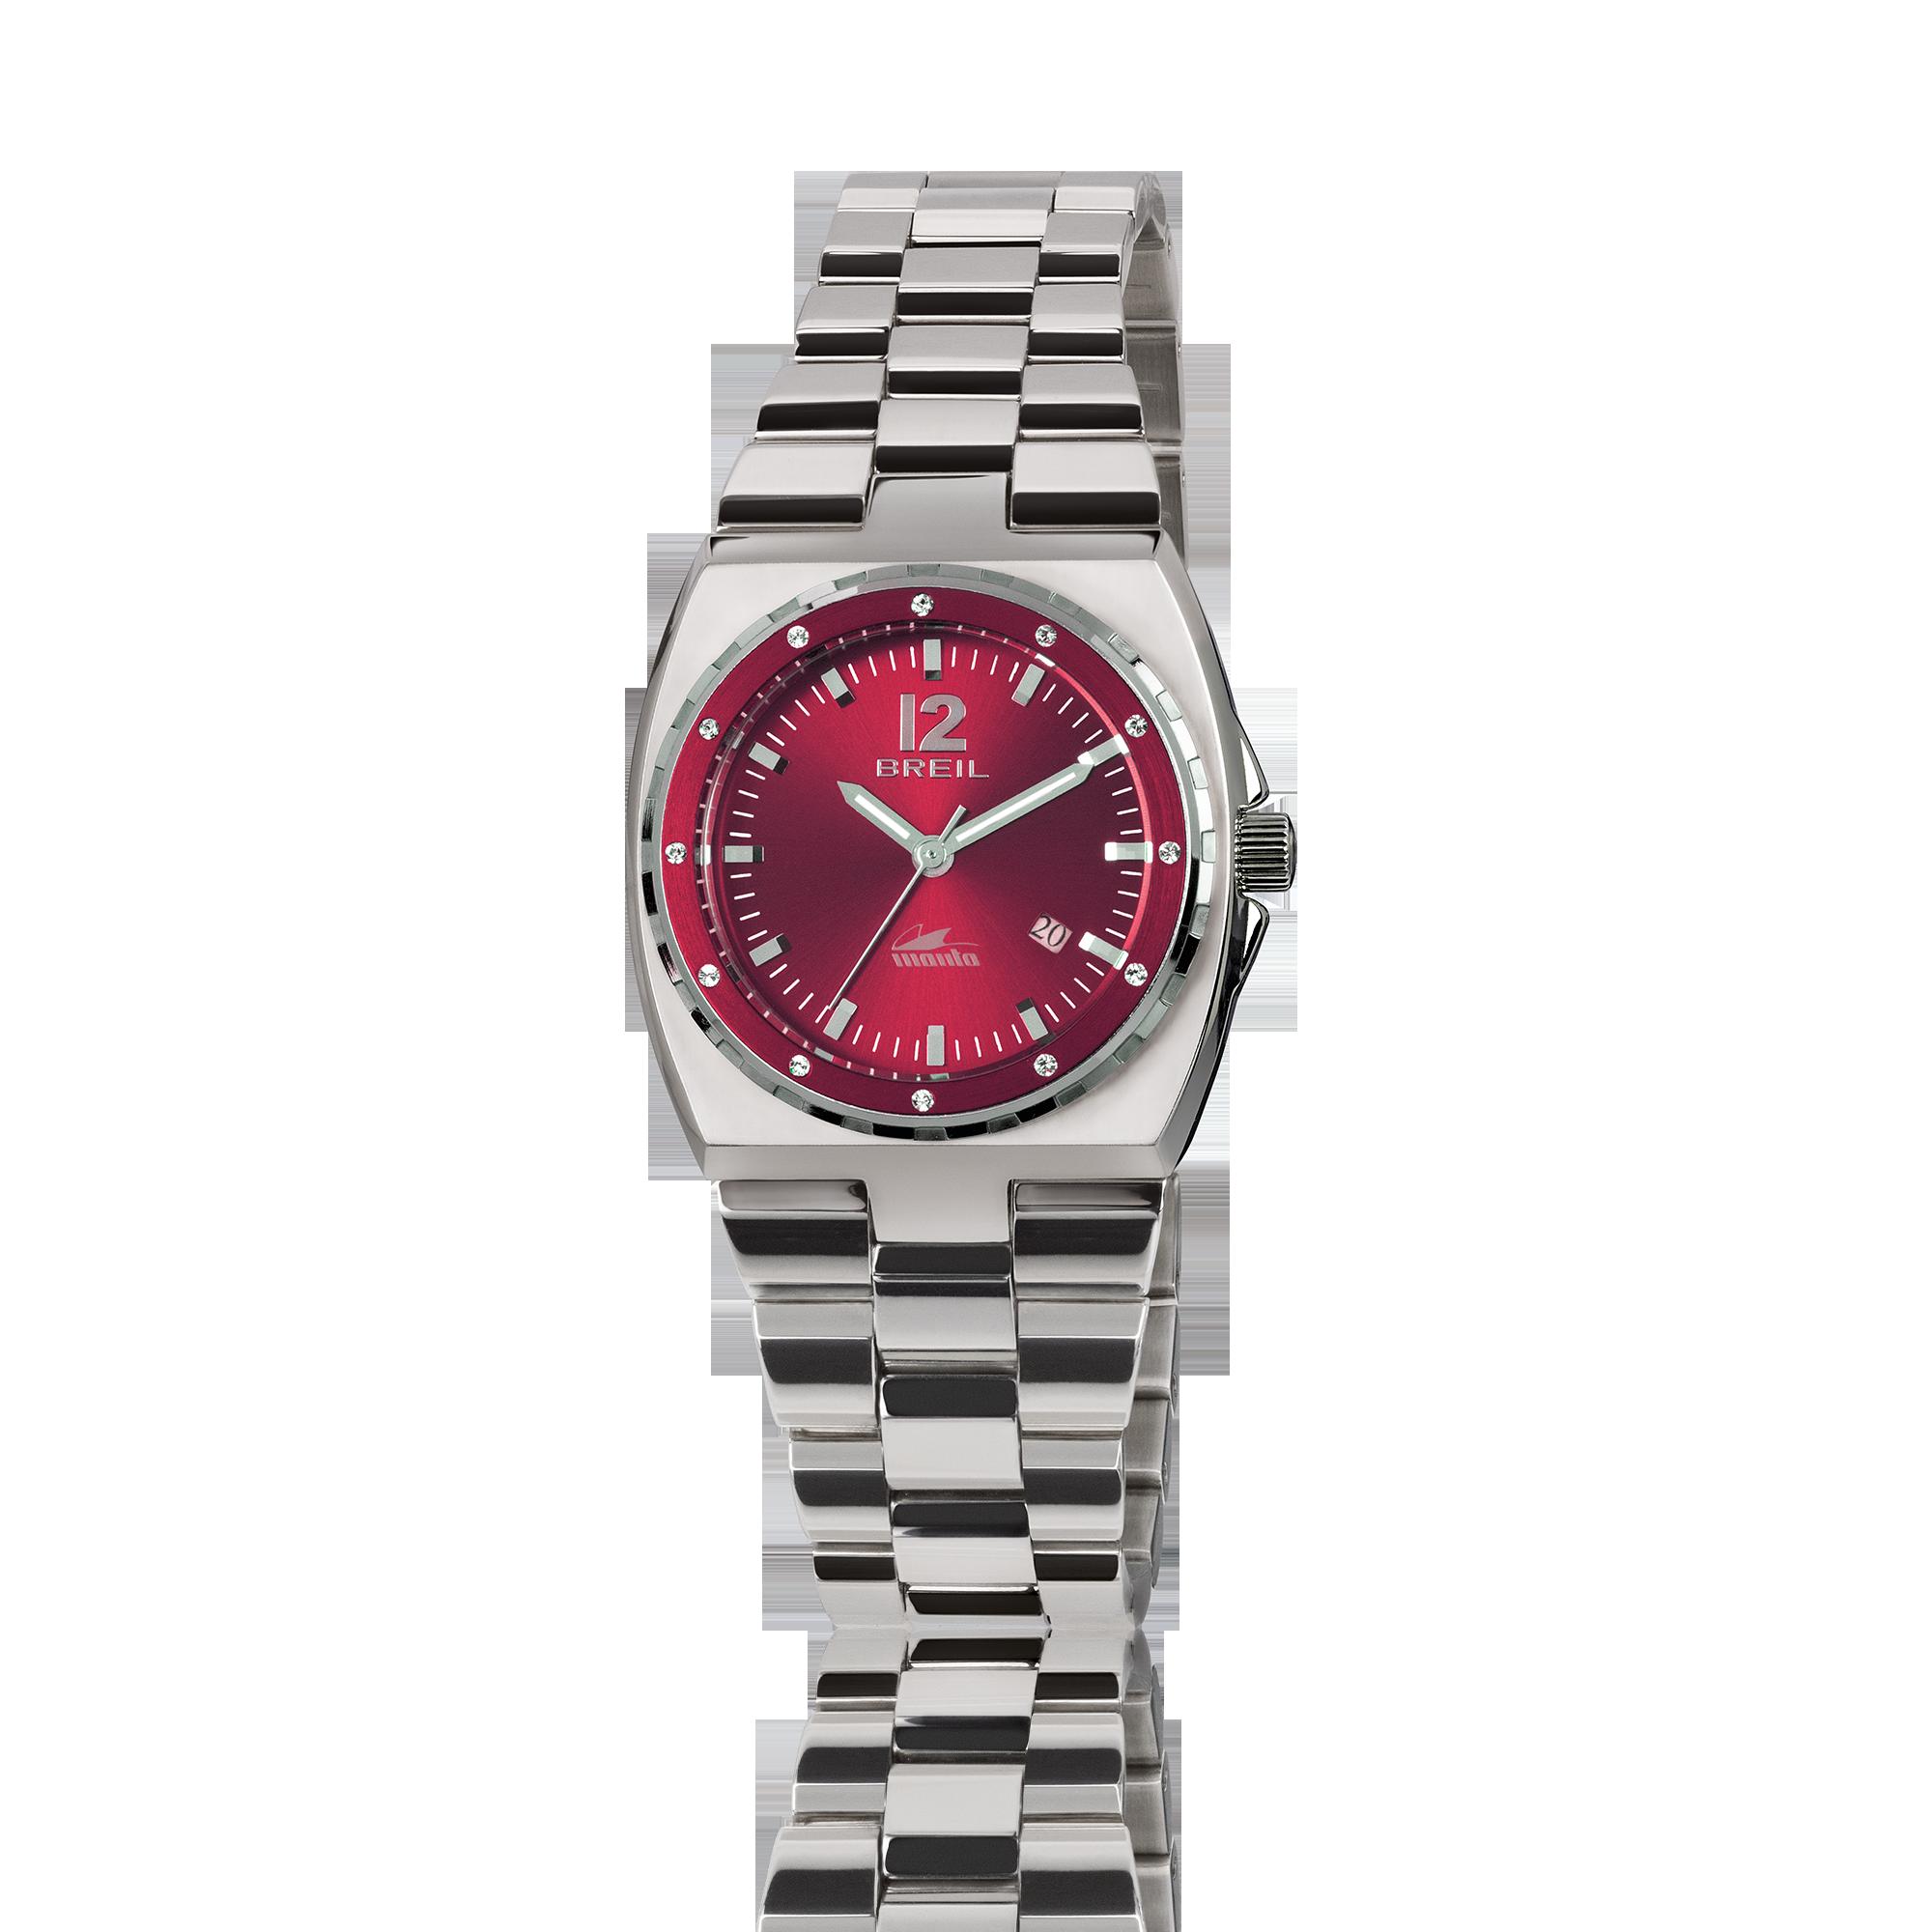 Orologio breil manta da donna con quadrante rosso in for Immagini orologi da polso